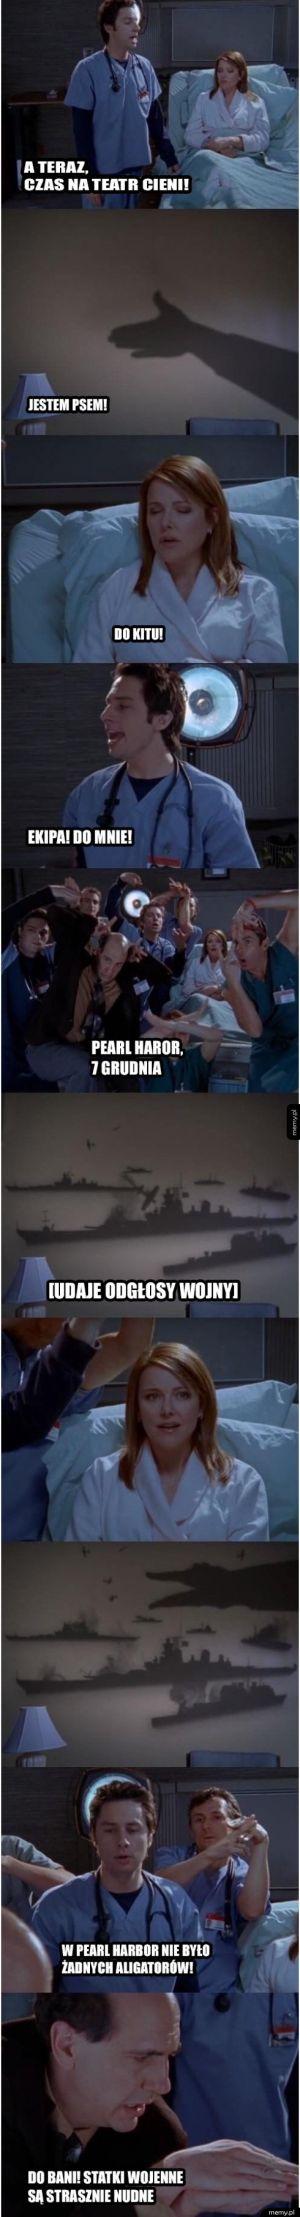 Hoży doktorzy - mój ulubiony serial!